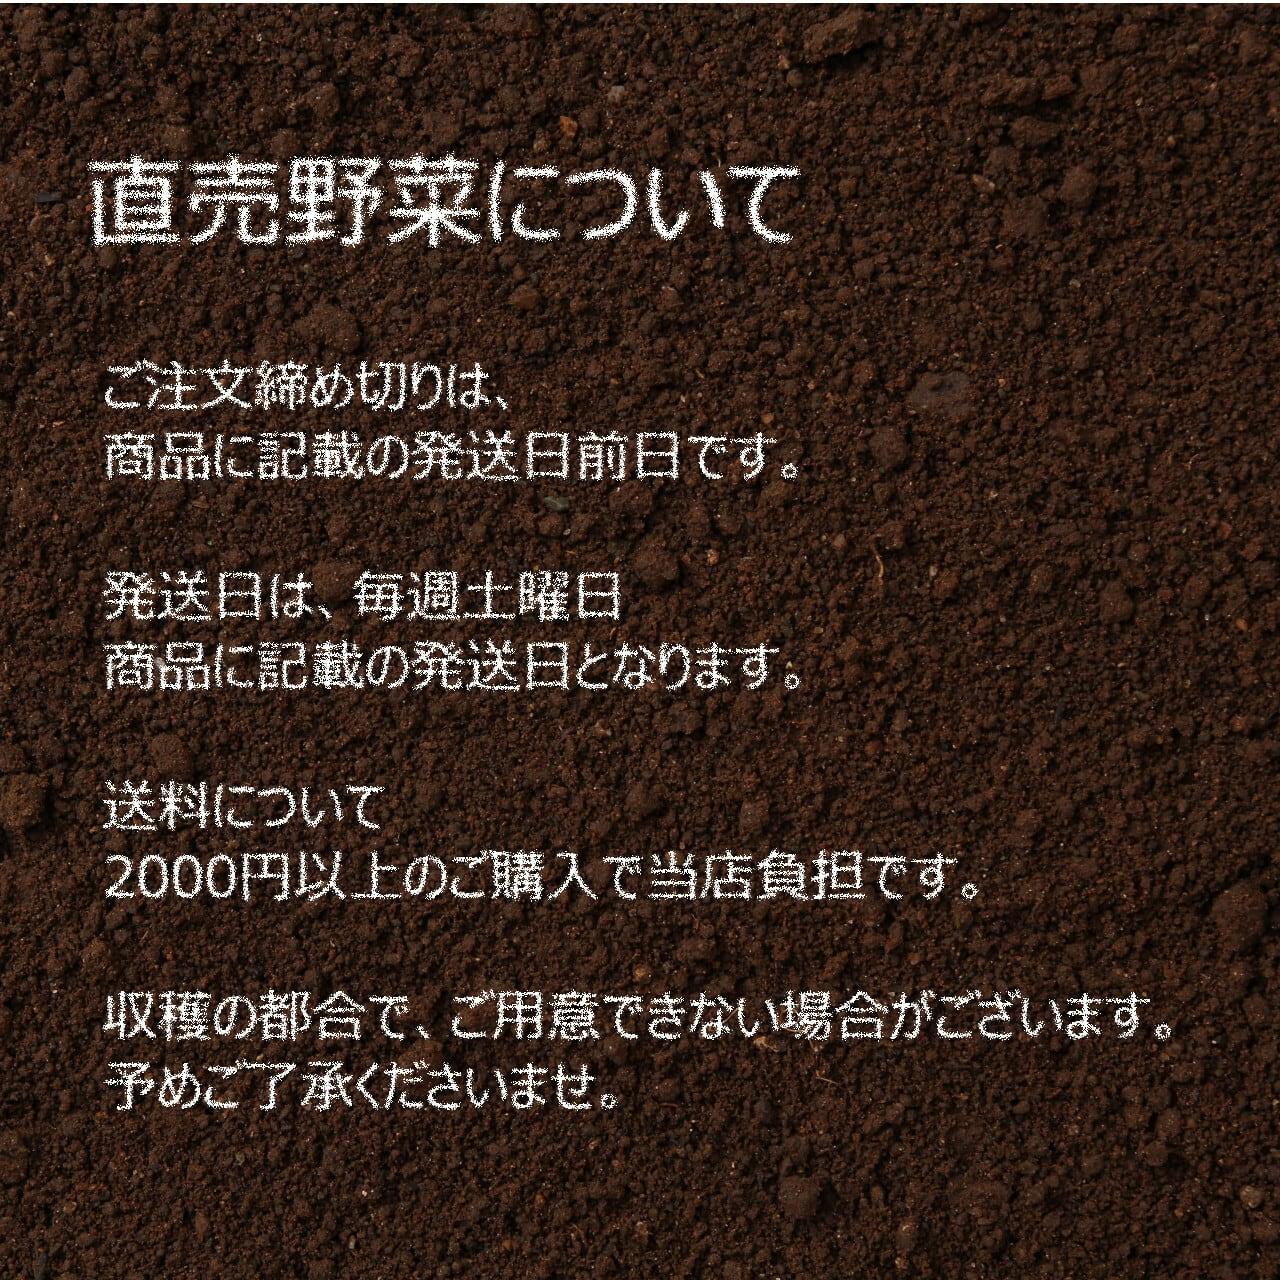 11月の朝採り直売野菜 : カリフラワー 約1個 新鮮な秋野菜 11月14日発送予定